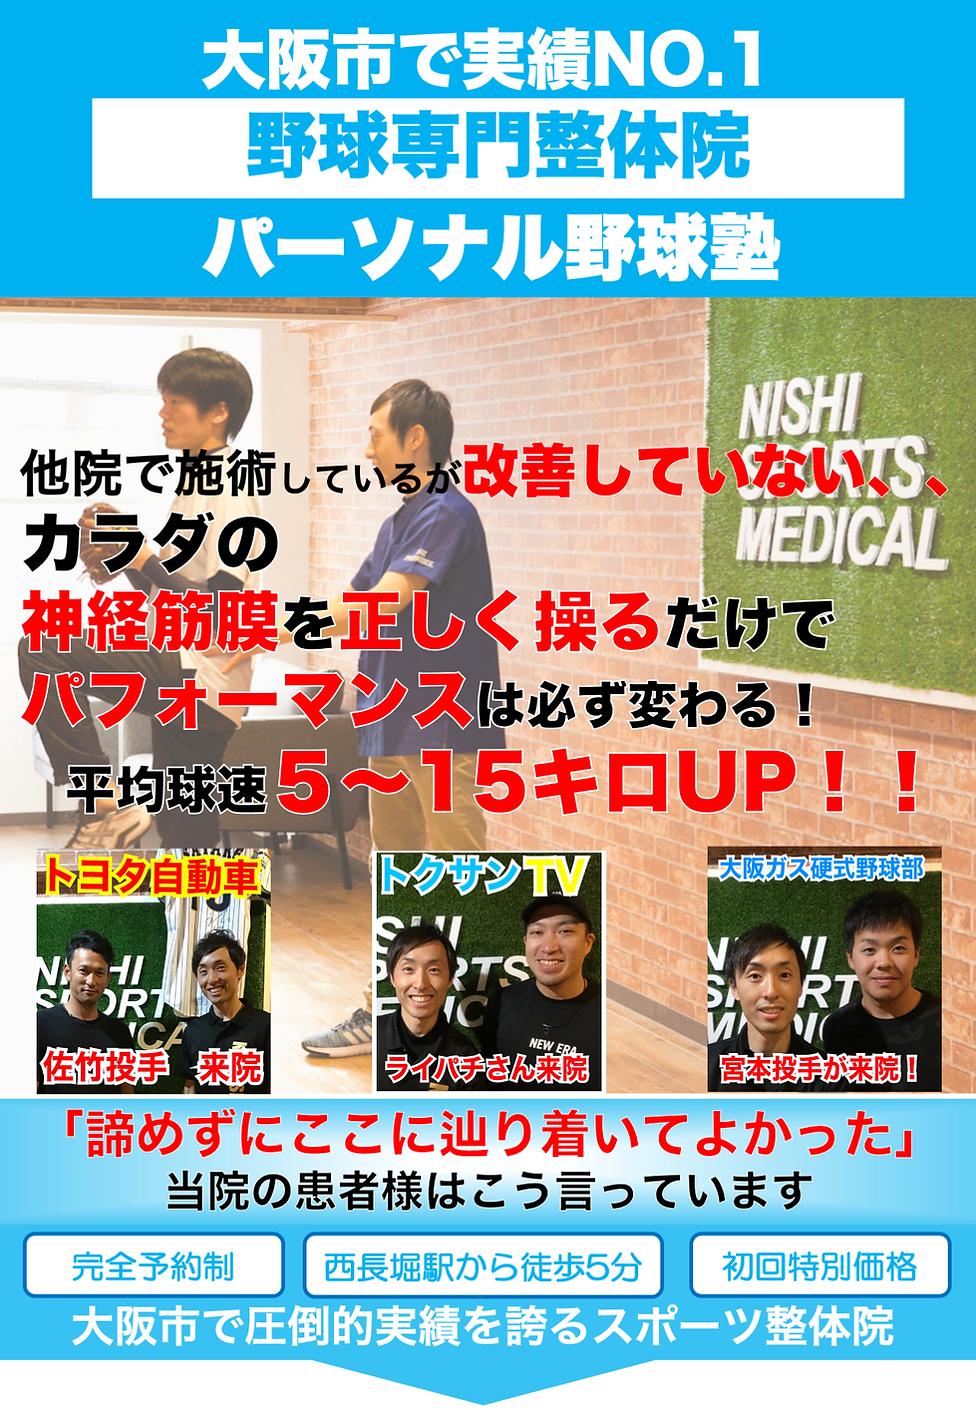 パーソナル野球塾Instagram広告用.png